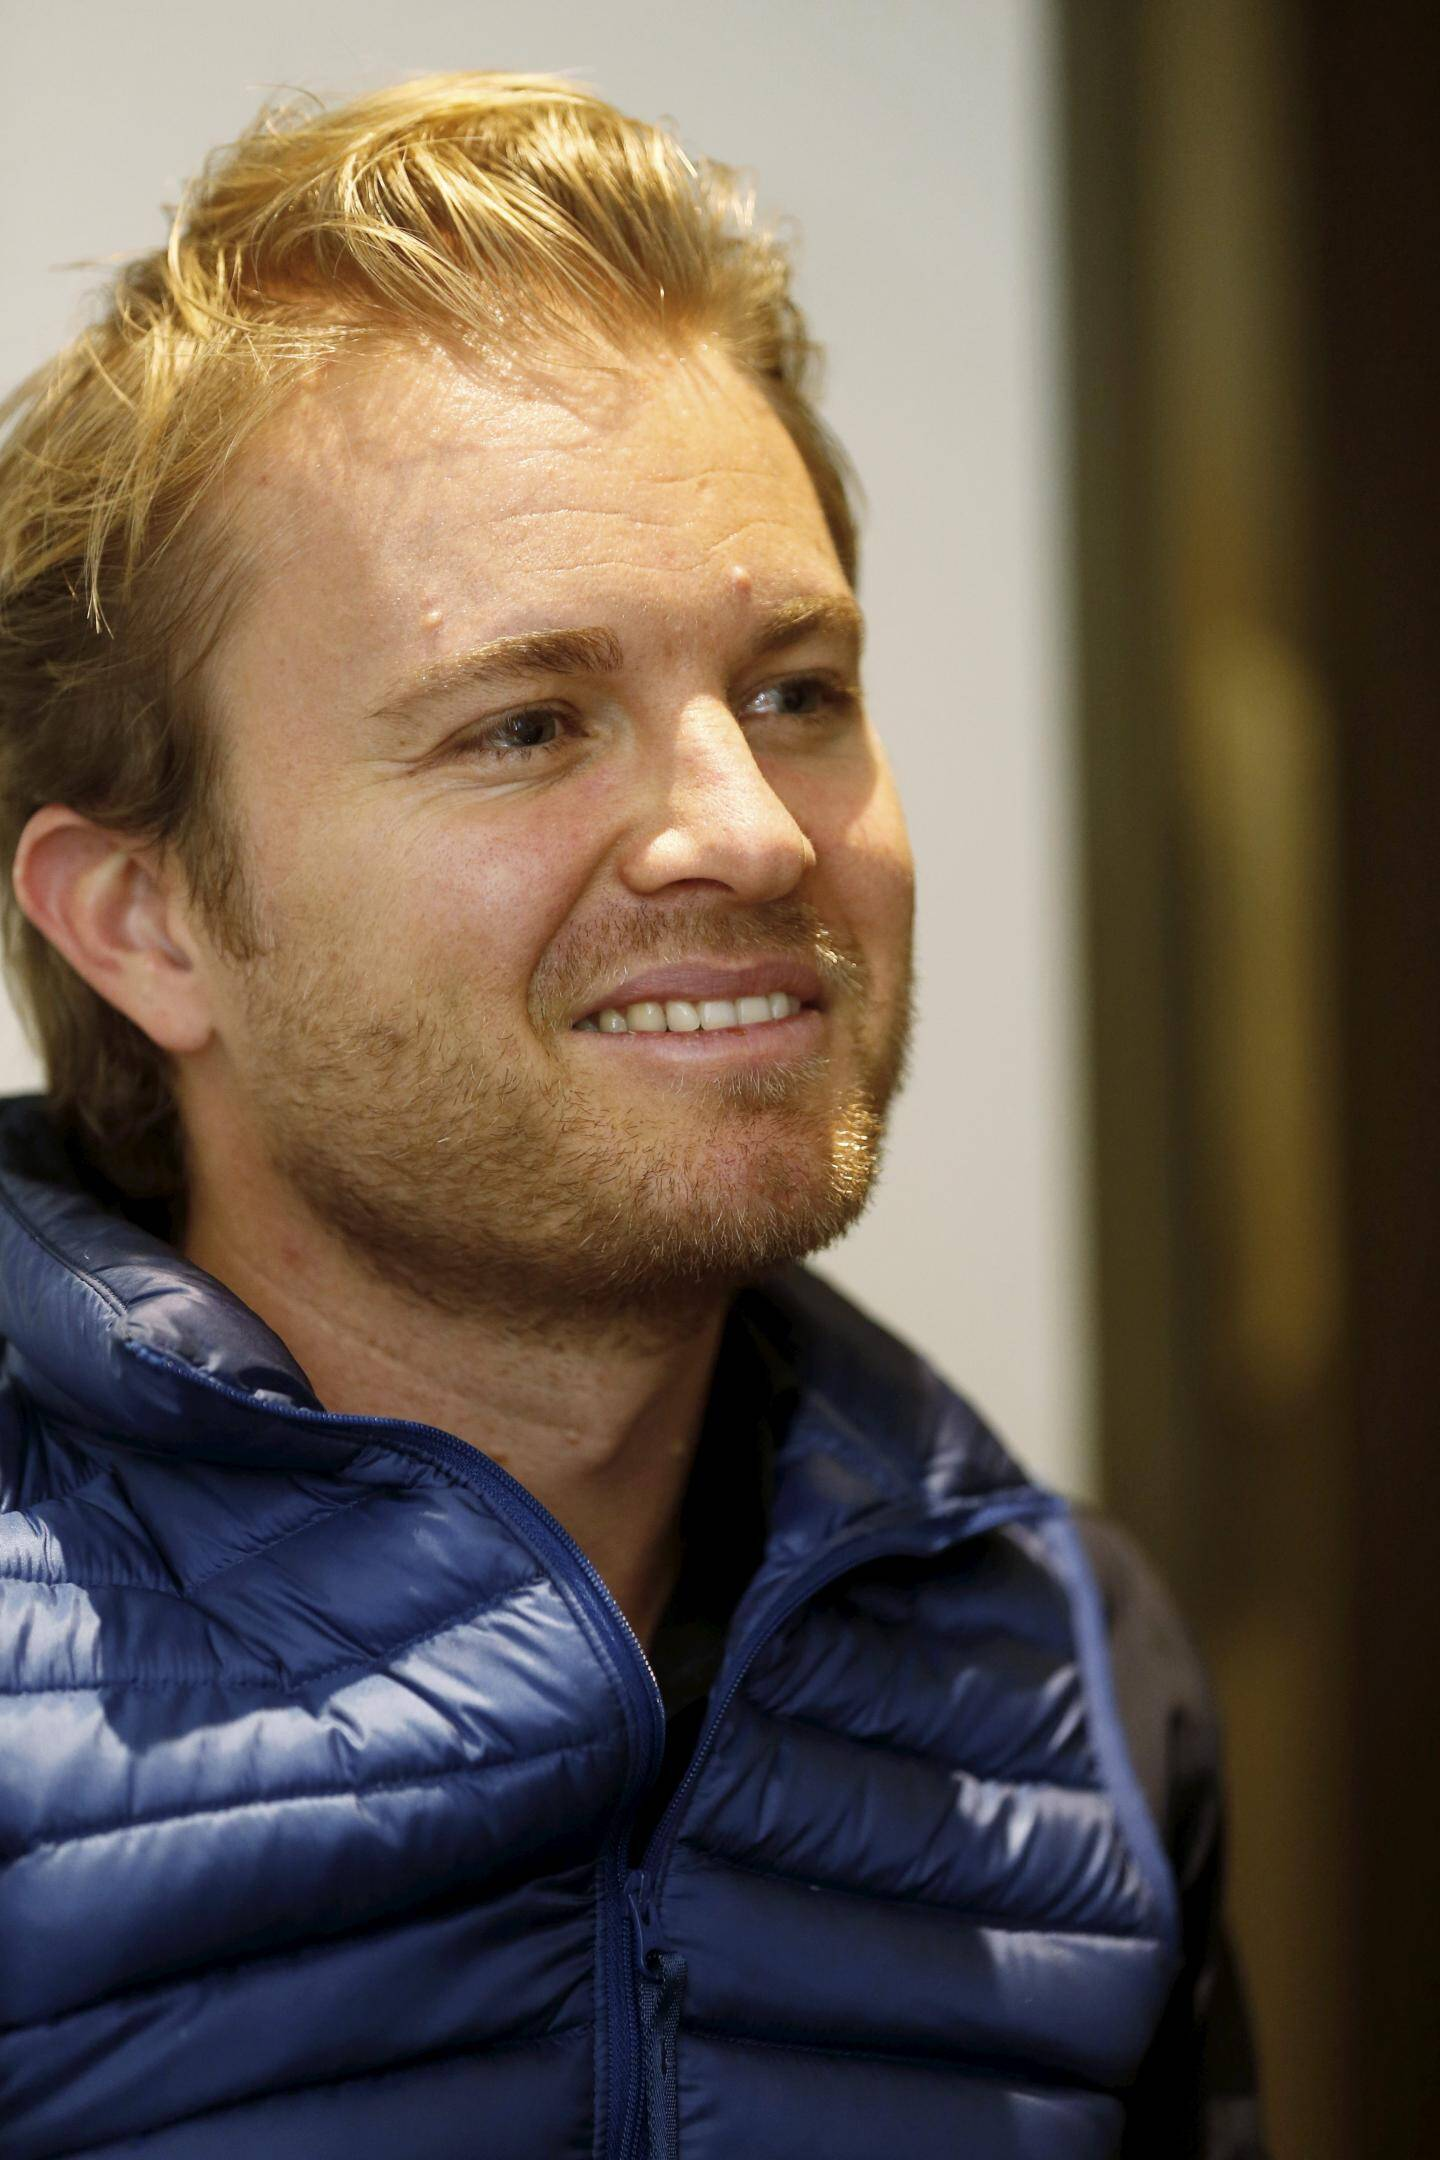 Après Michael Douglas, Felipe Massa ou encore Bernie Ecclestone, Charles Leclerc rejoindra-t-il le casting de #BeyondVictory ?